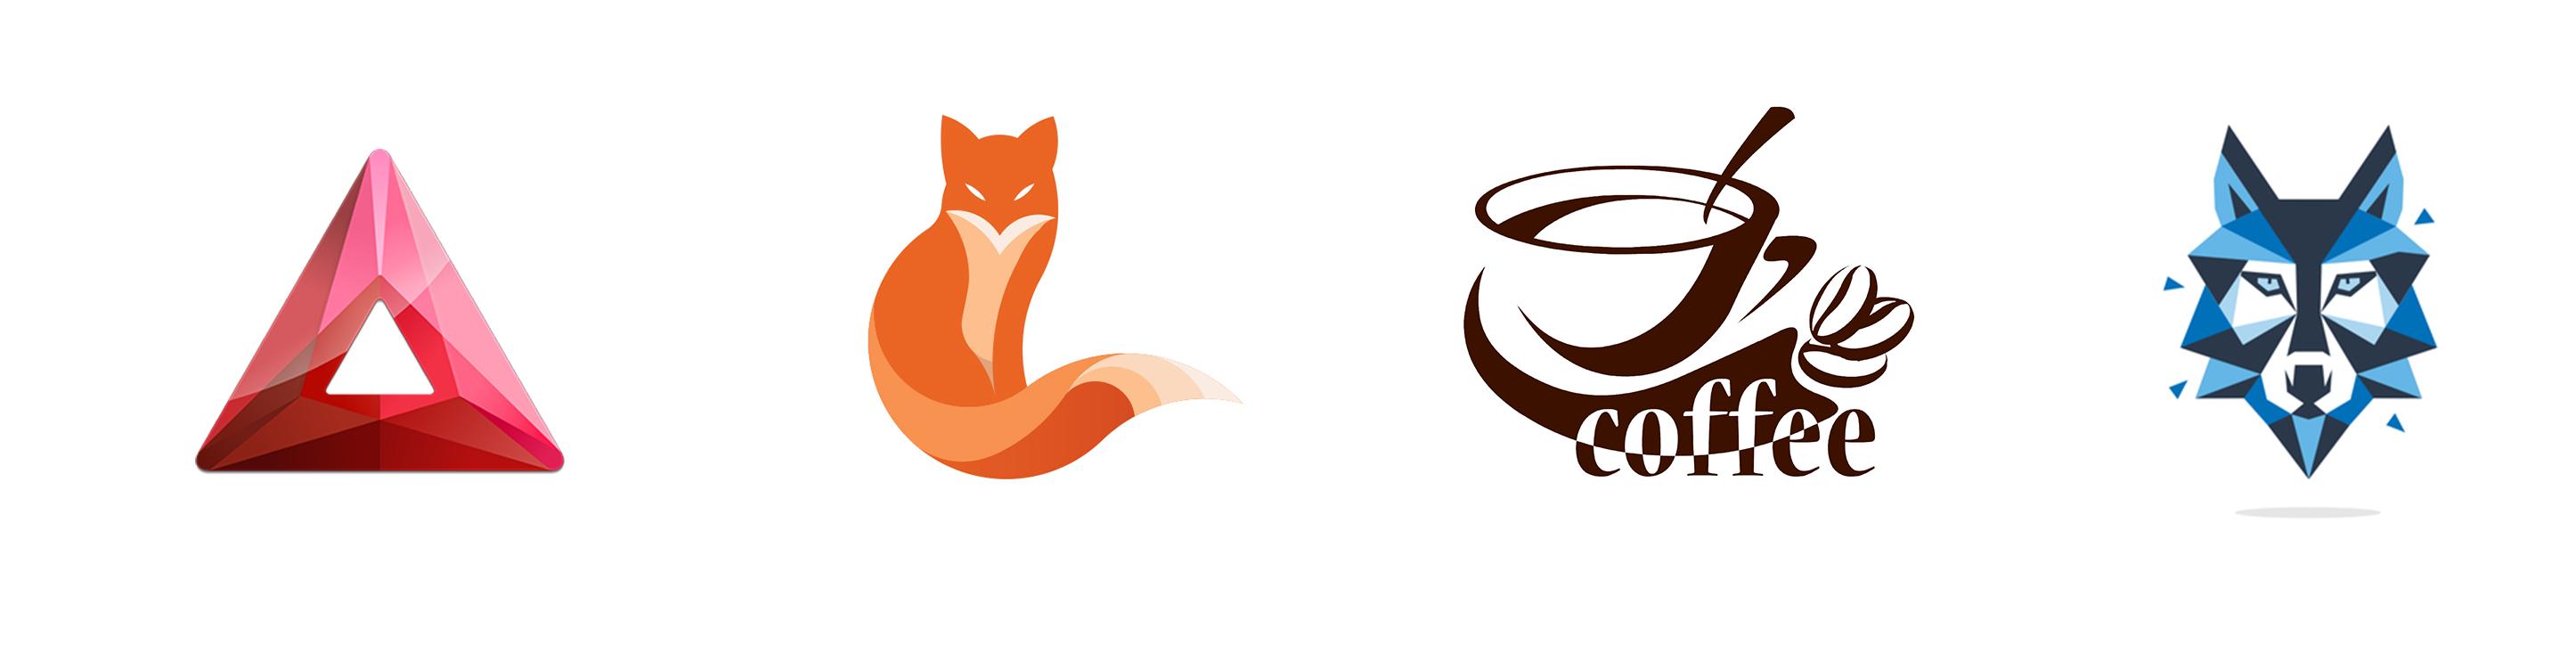 Dịch vụ thiết kế logo giá rẻ - King Service